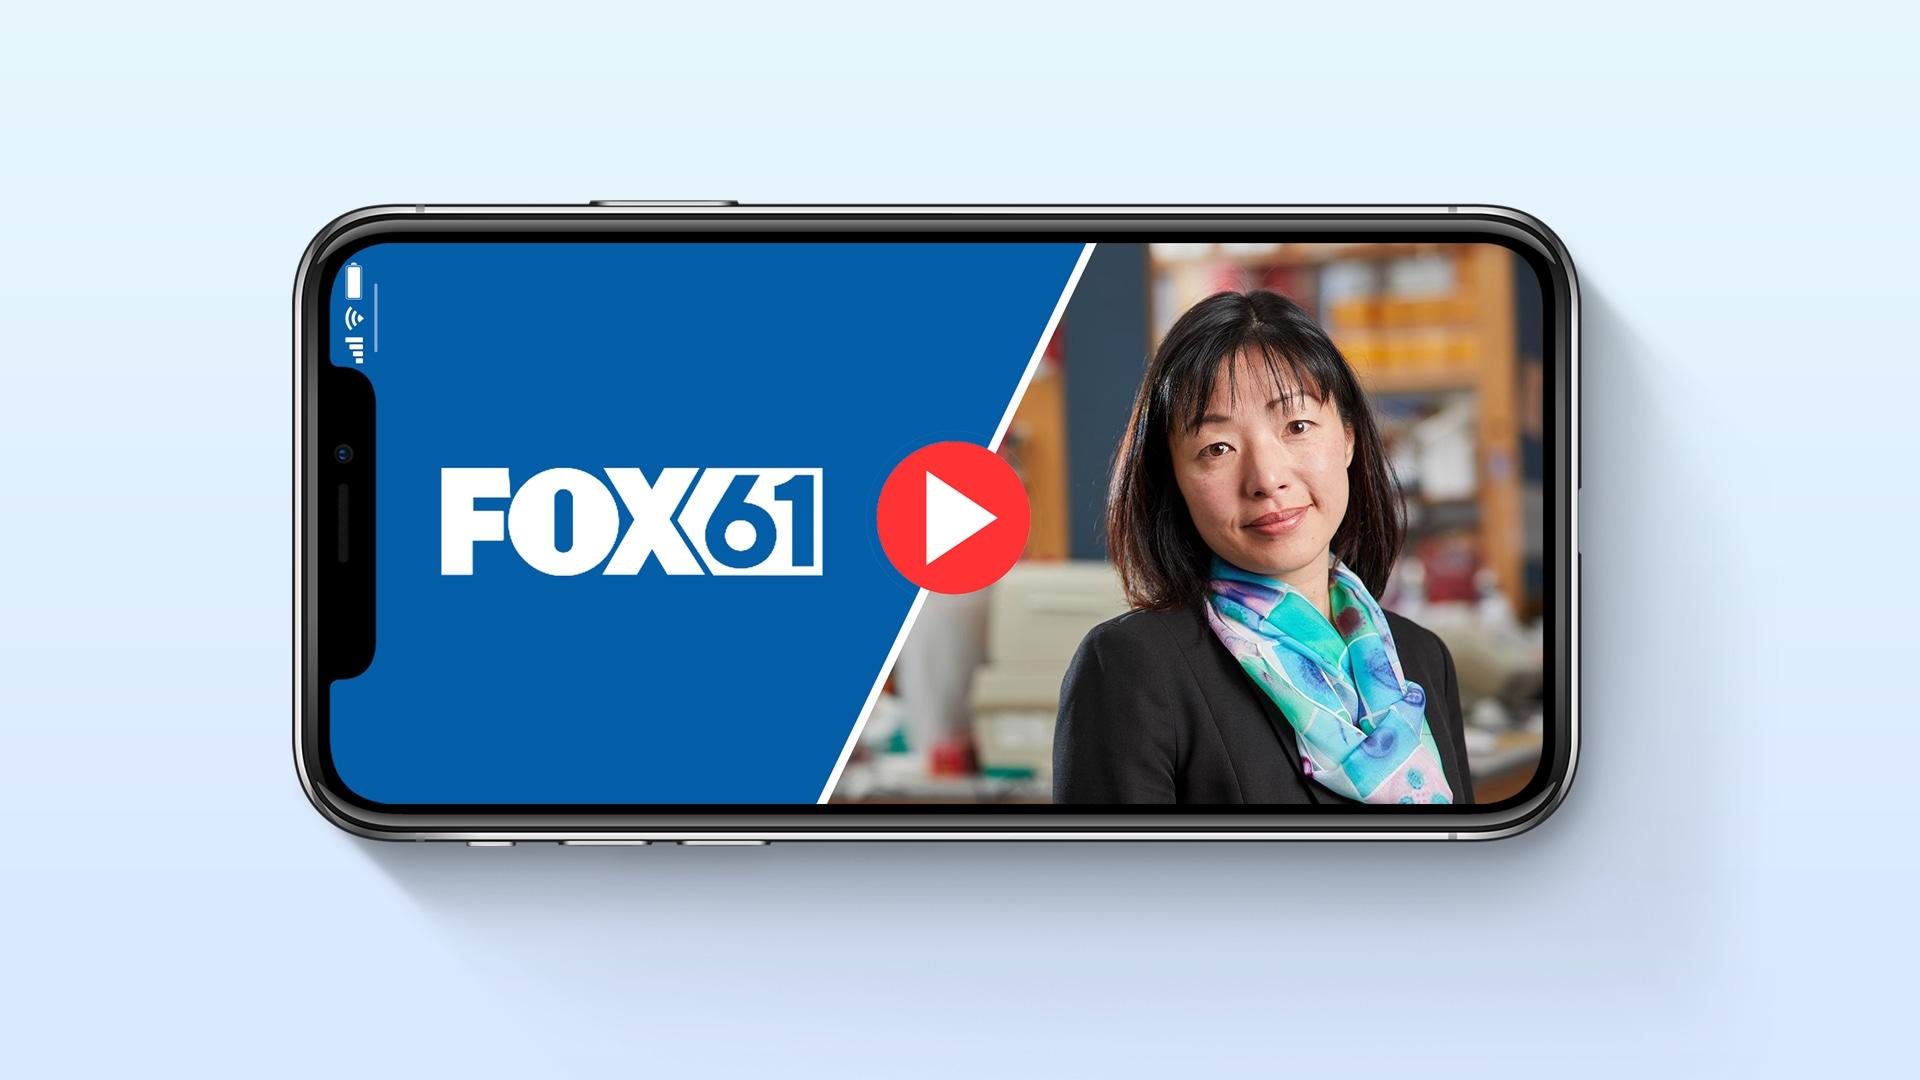 Dr. Akiko Iwasaki on Fox61